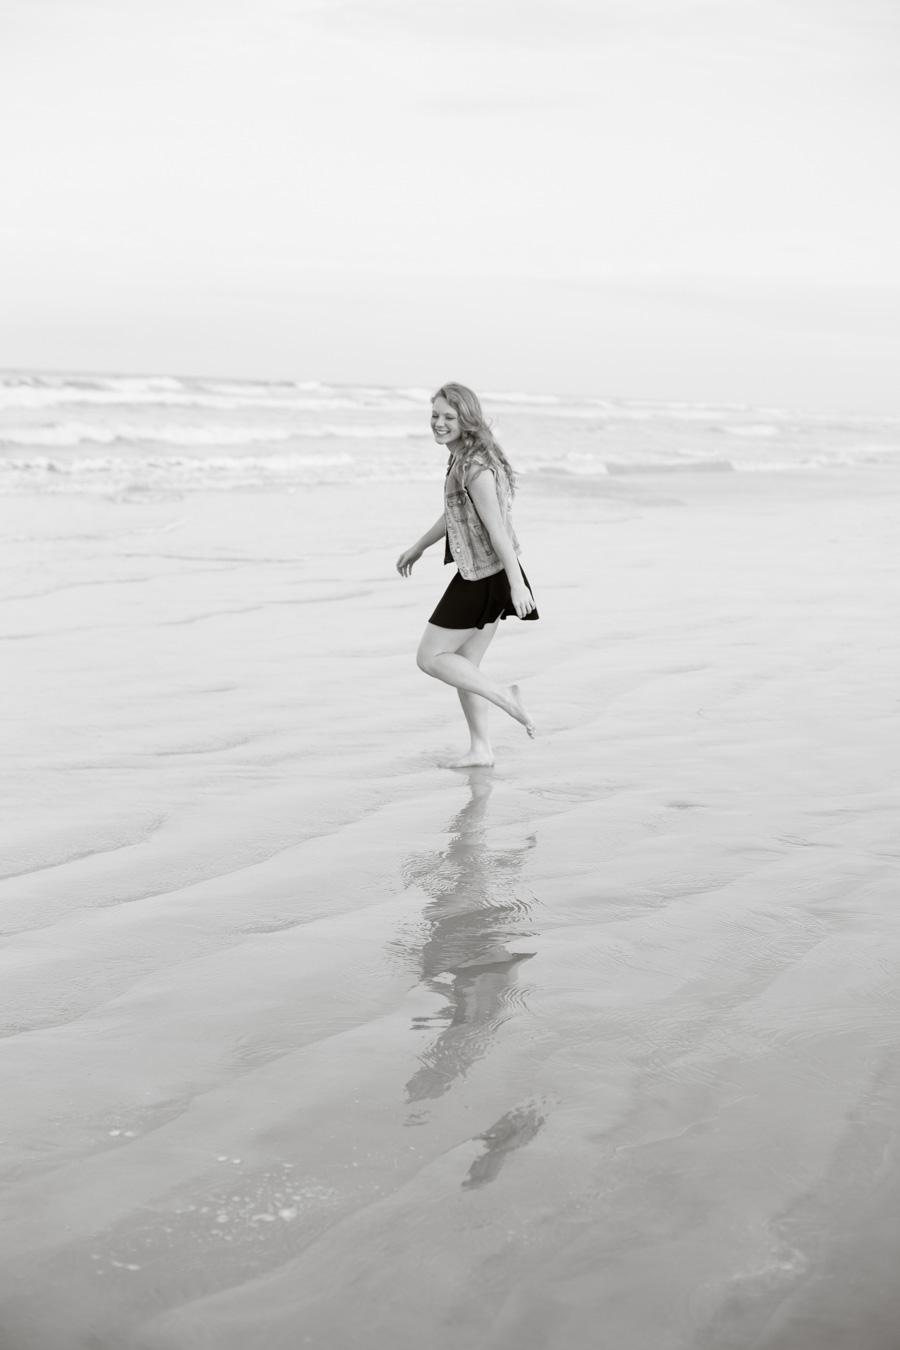 teresa+schmidt+photography-10035.JPG